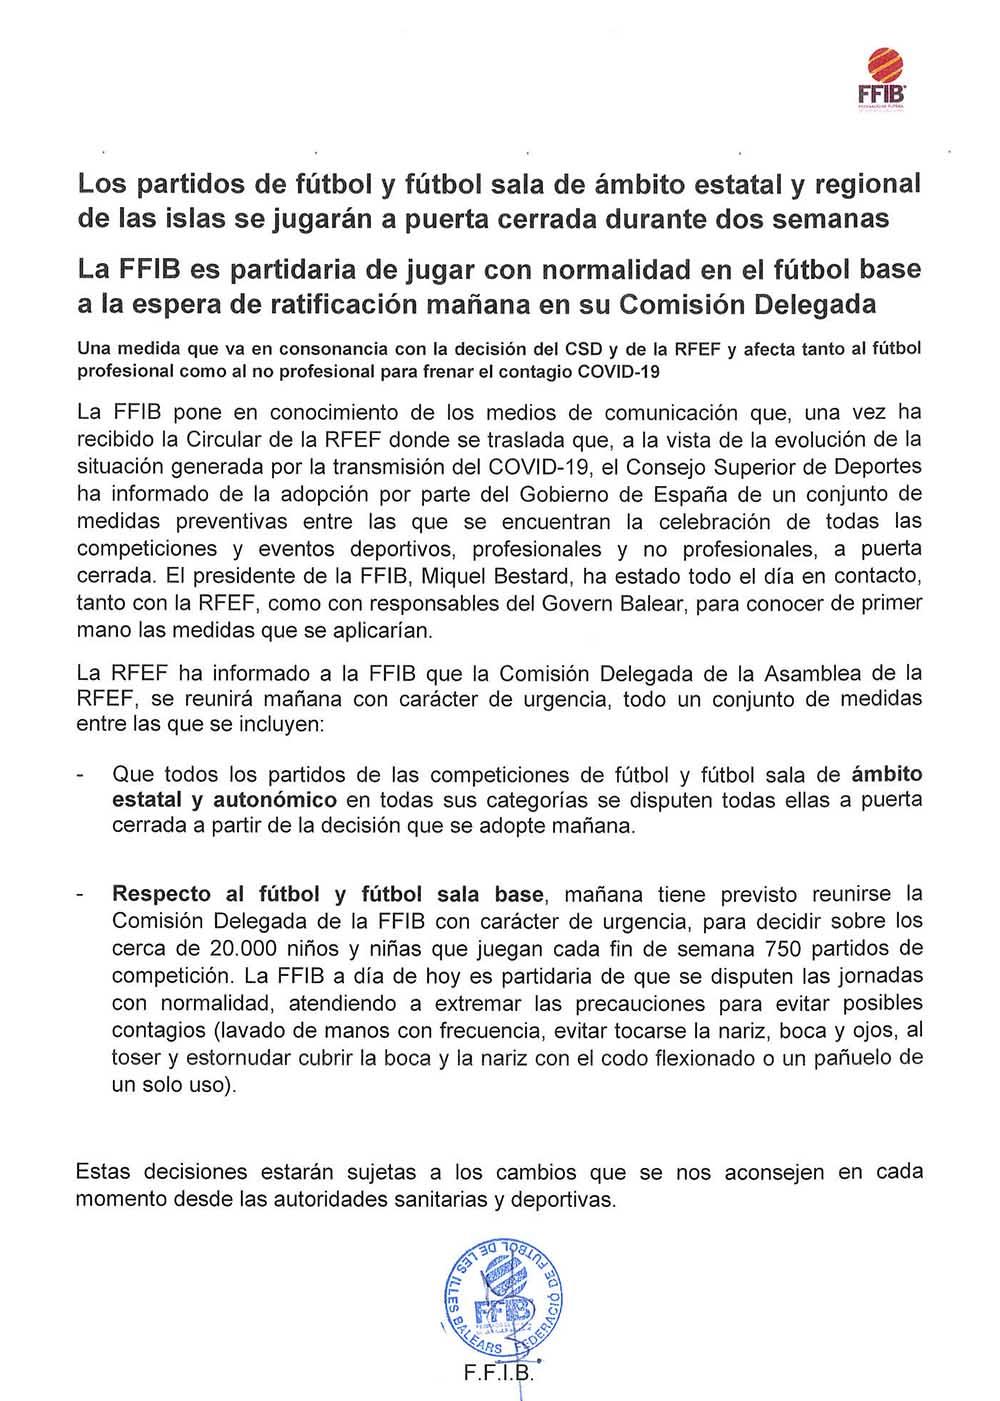 Comunicat de la FFIB_COVID-19 200310